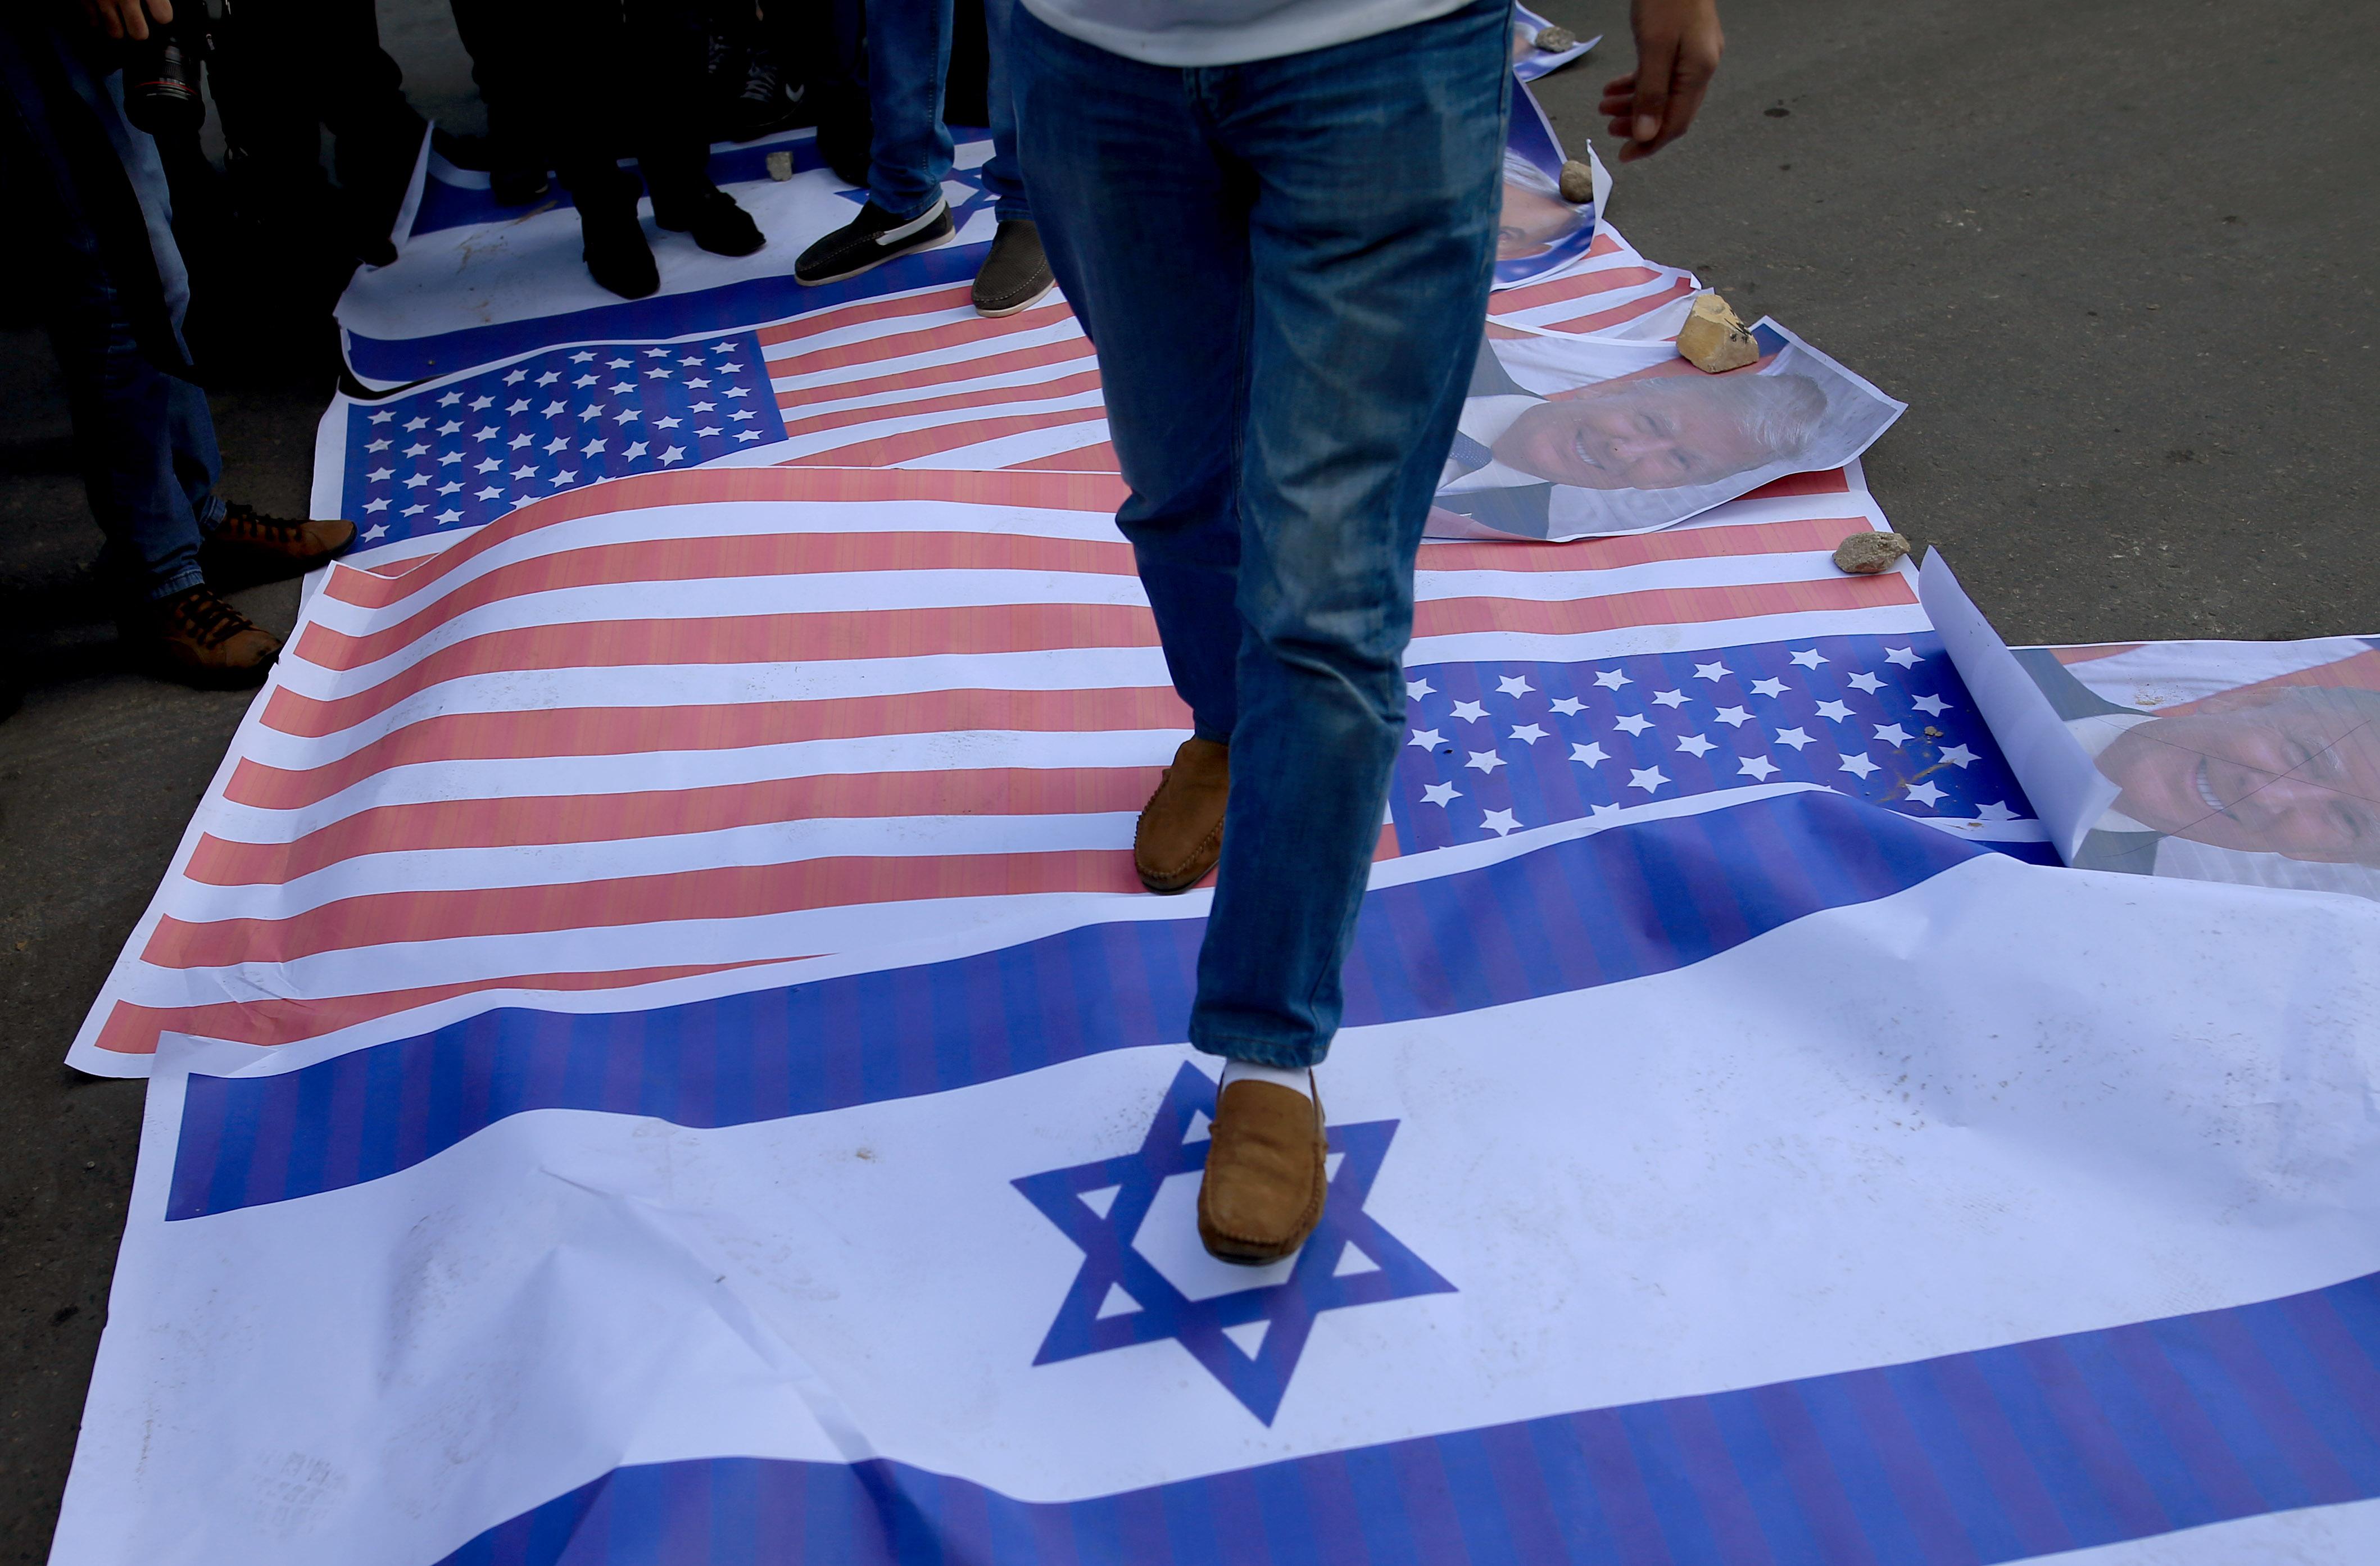 الفلسطينيون يدوسون بأقدامهم على العلم الاسرائيلى والأمر يكى